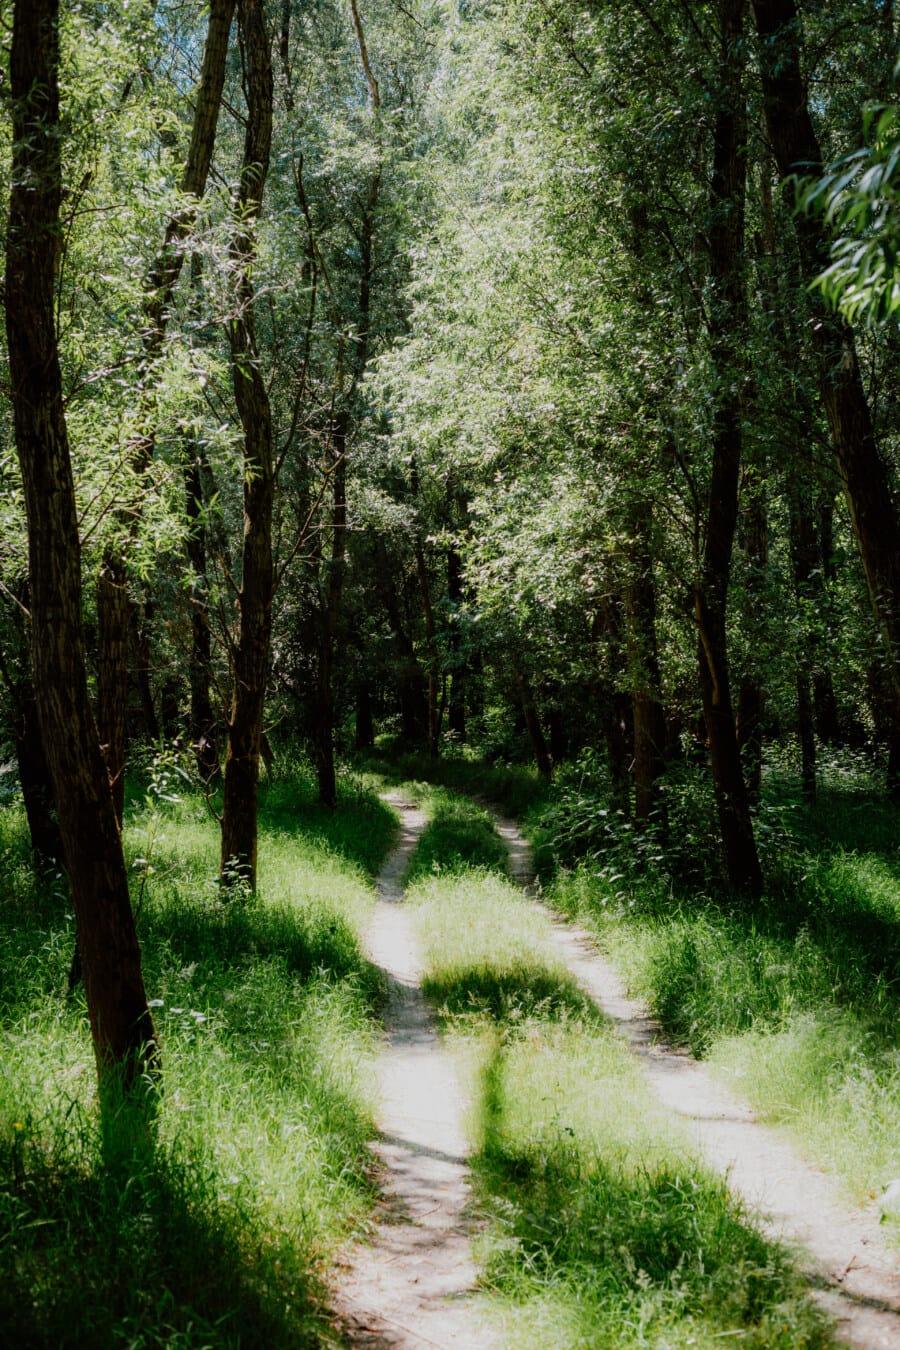 Forststraße, Frühling, Wald, Waldweg, Greenwood, Grün, Schatten, Landschaft, Anlage, Park